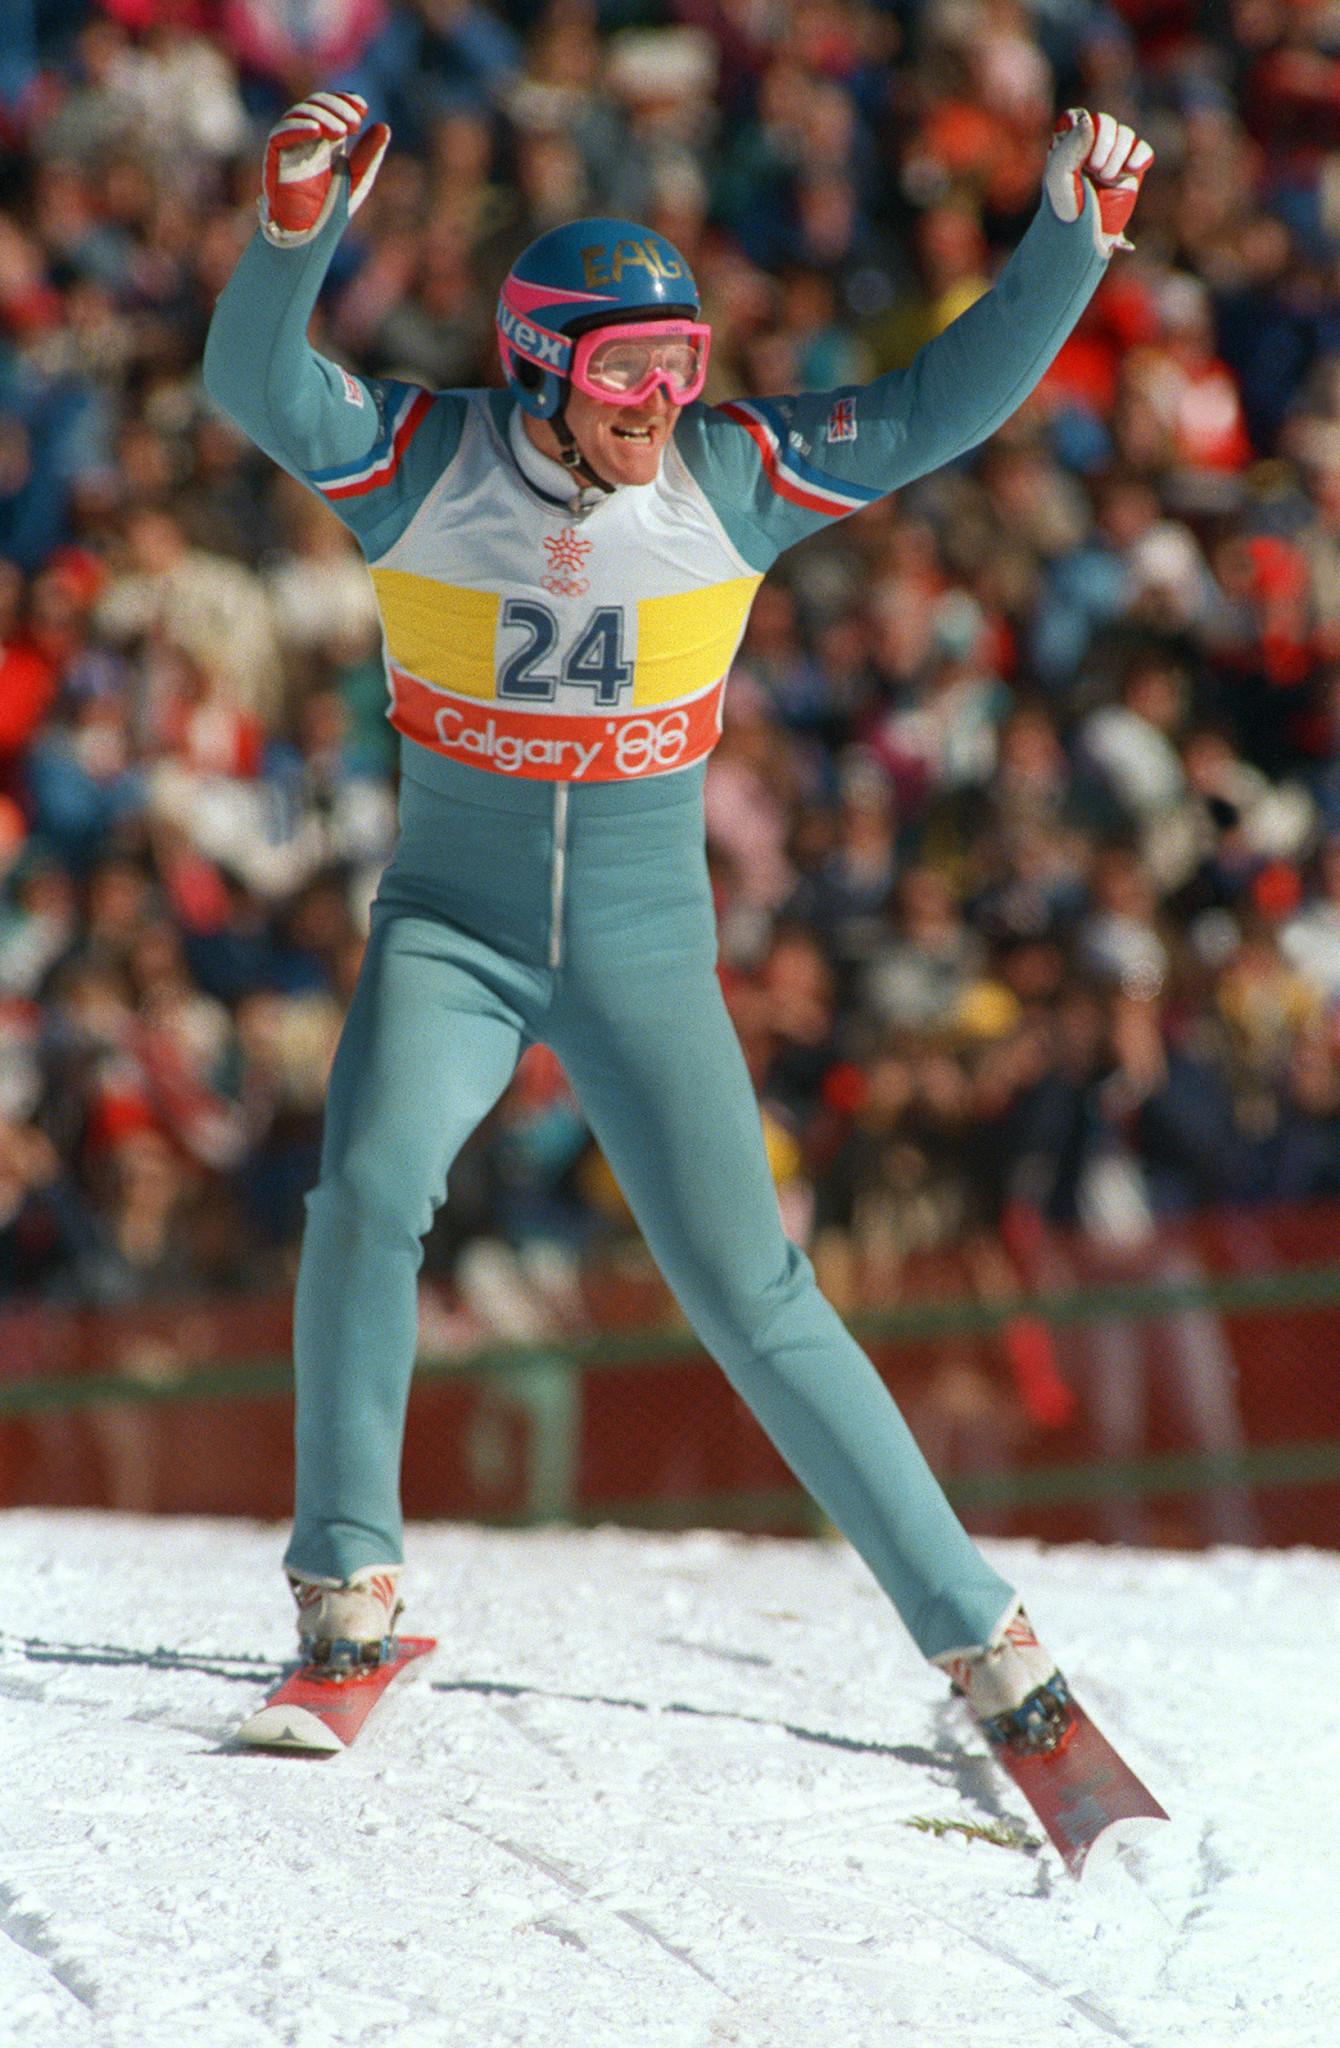 Britain's first-ever ski jumper Eddie